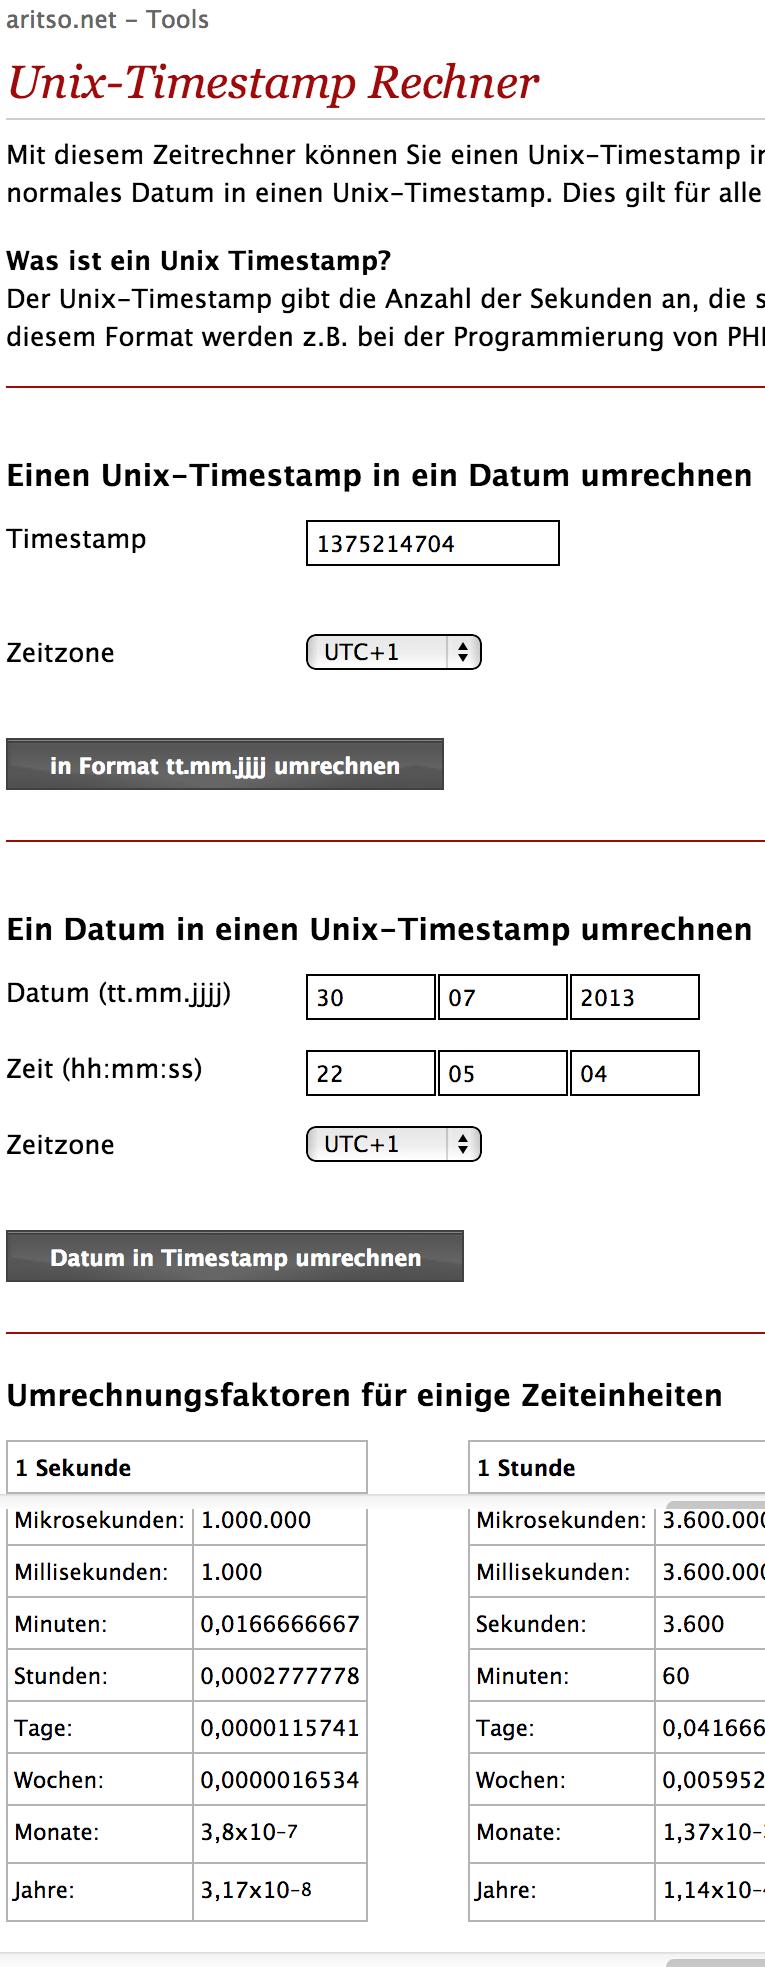 Php unix timest online rechner